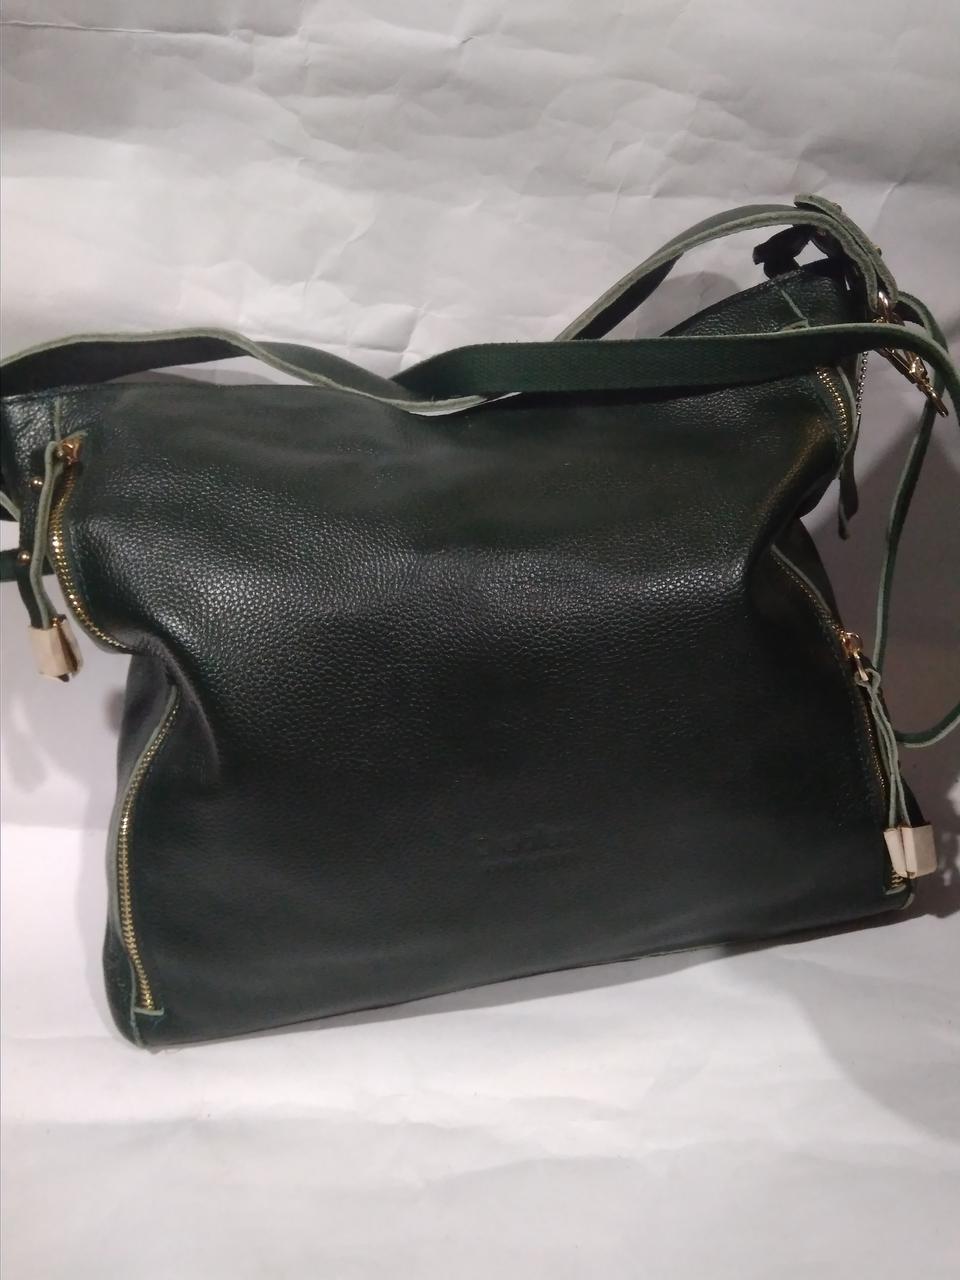 4be155a5d31e Женская кожаная сумка зеленая через плечо вместительная - Оптово-розничный  магазин